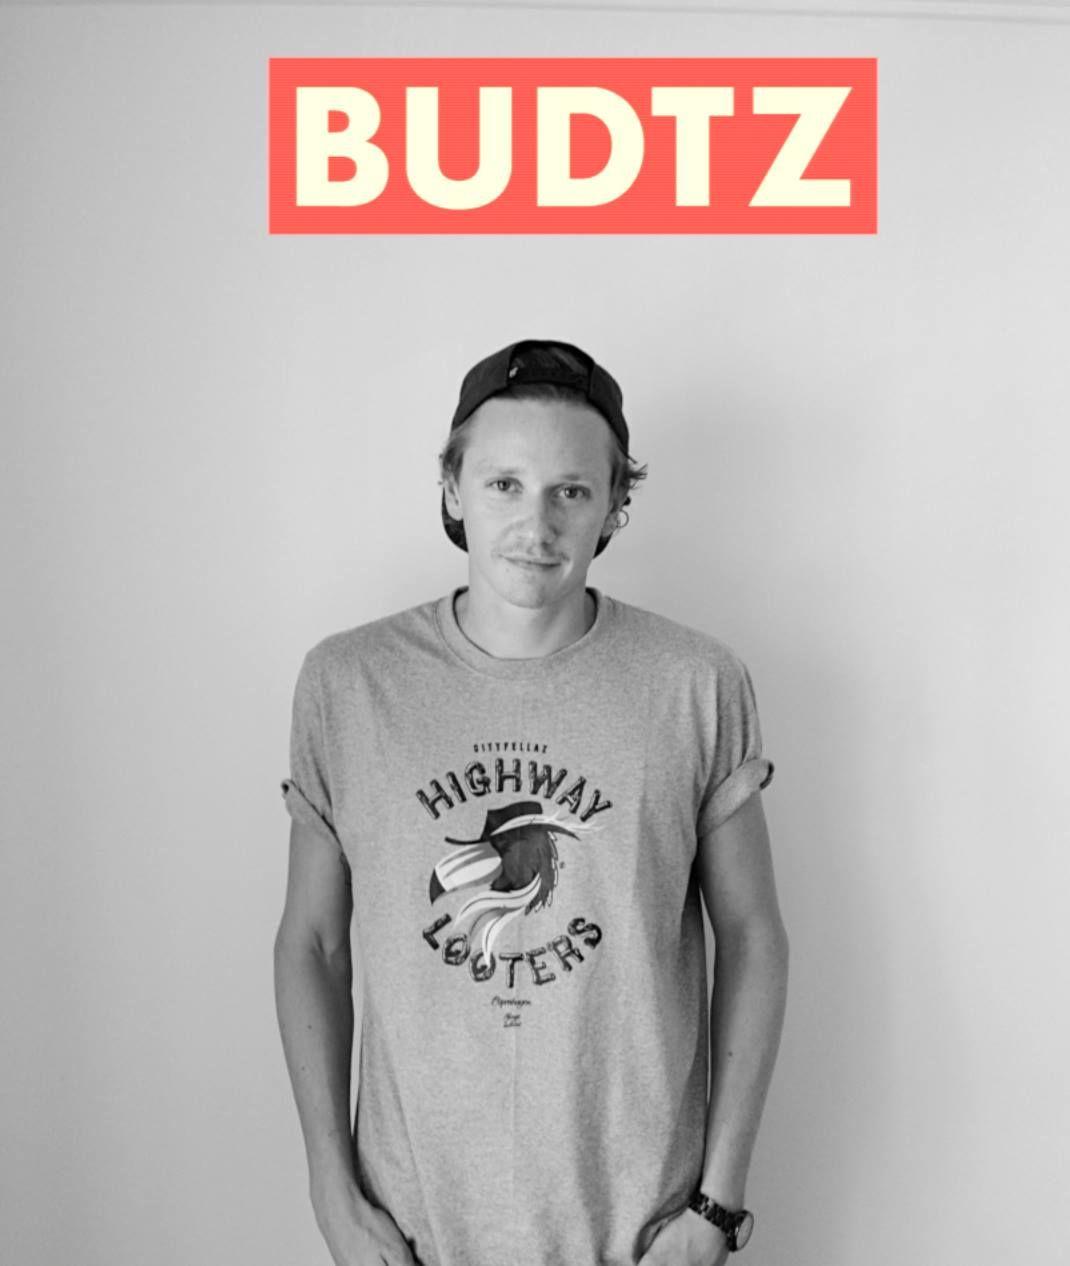 Vi er klar med endnu en interessant københavnersnude, nemlig sanger og sangskriver Christoffer Budtz - eller bare BUDTZ, som han kalder sig i øjeblikket. Han har nemlig startet et nyt…